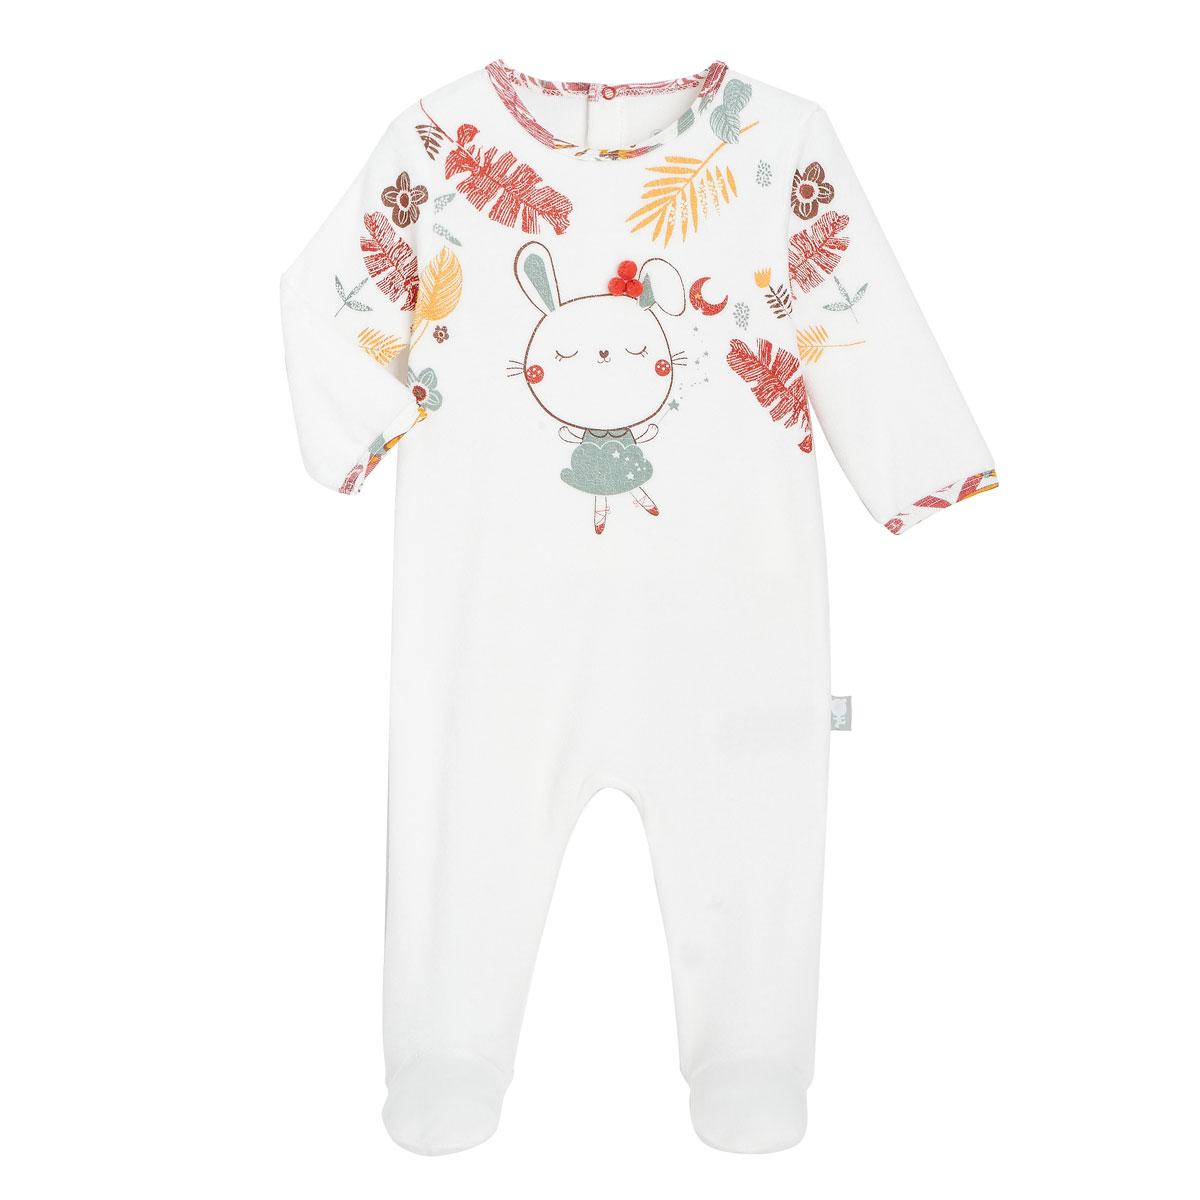 Pyjama bébé en velours contenant du coton bio BonjourAmour